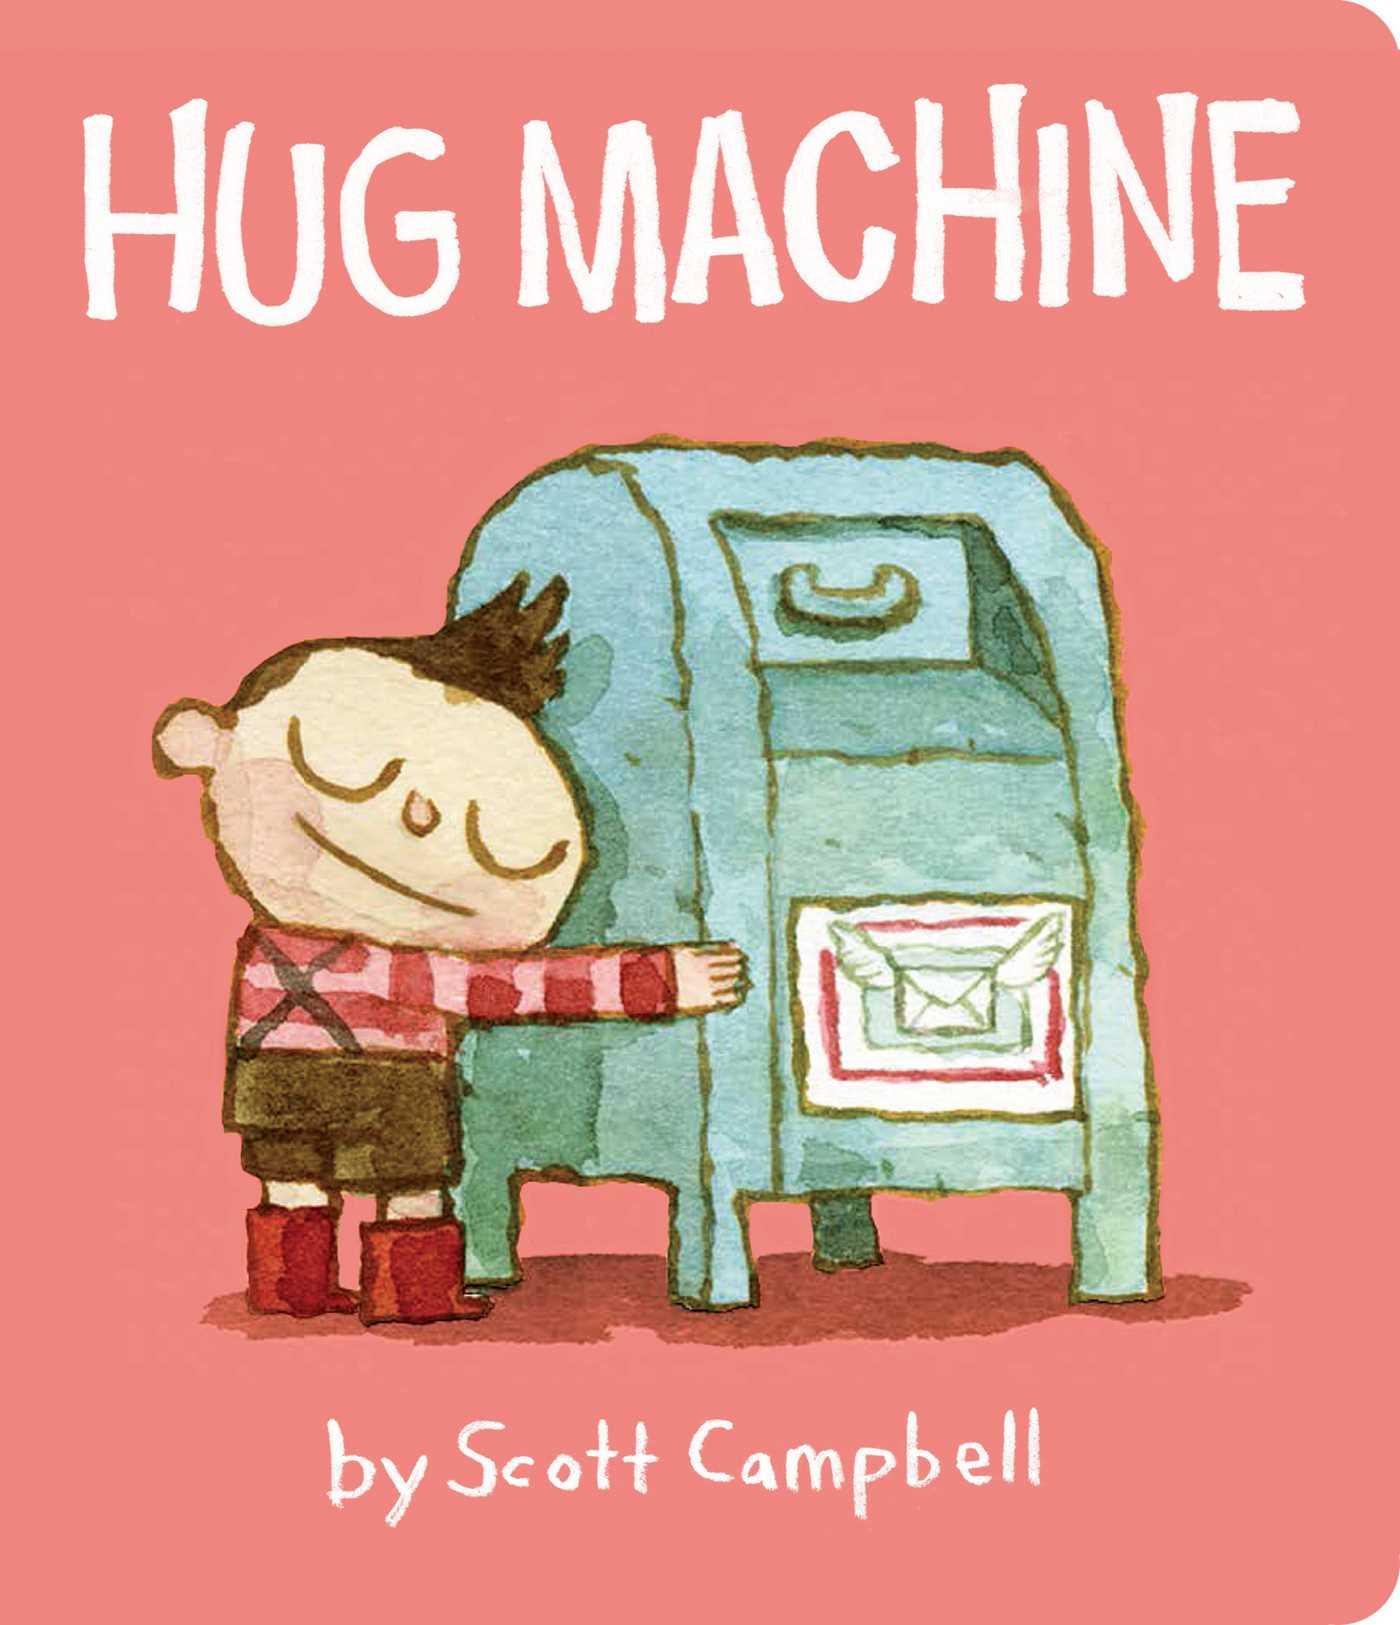 celebrate-picture-books-picture-book-review-hug-machine-cover